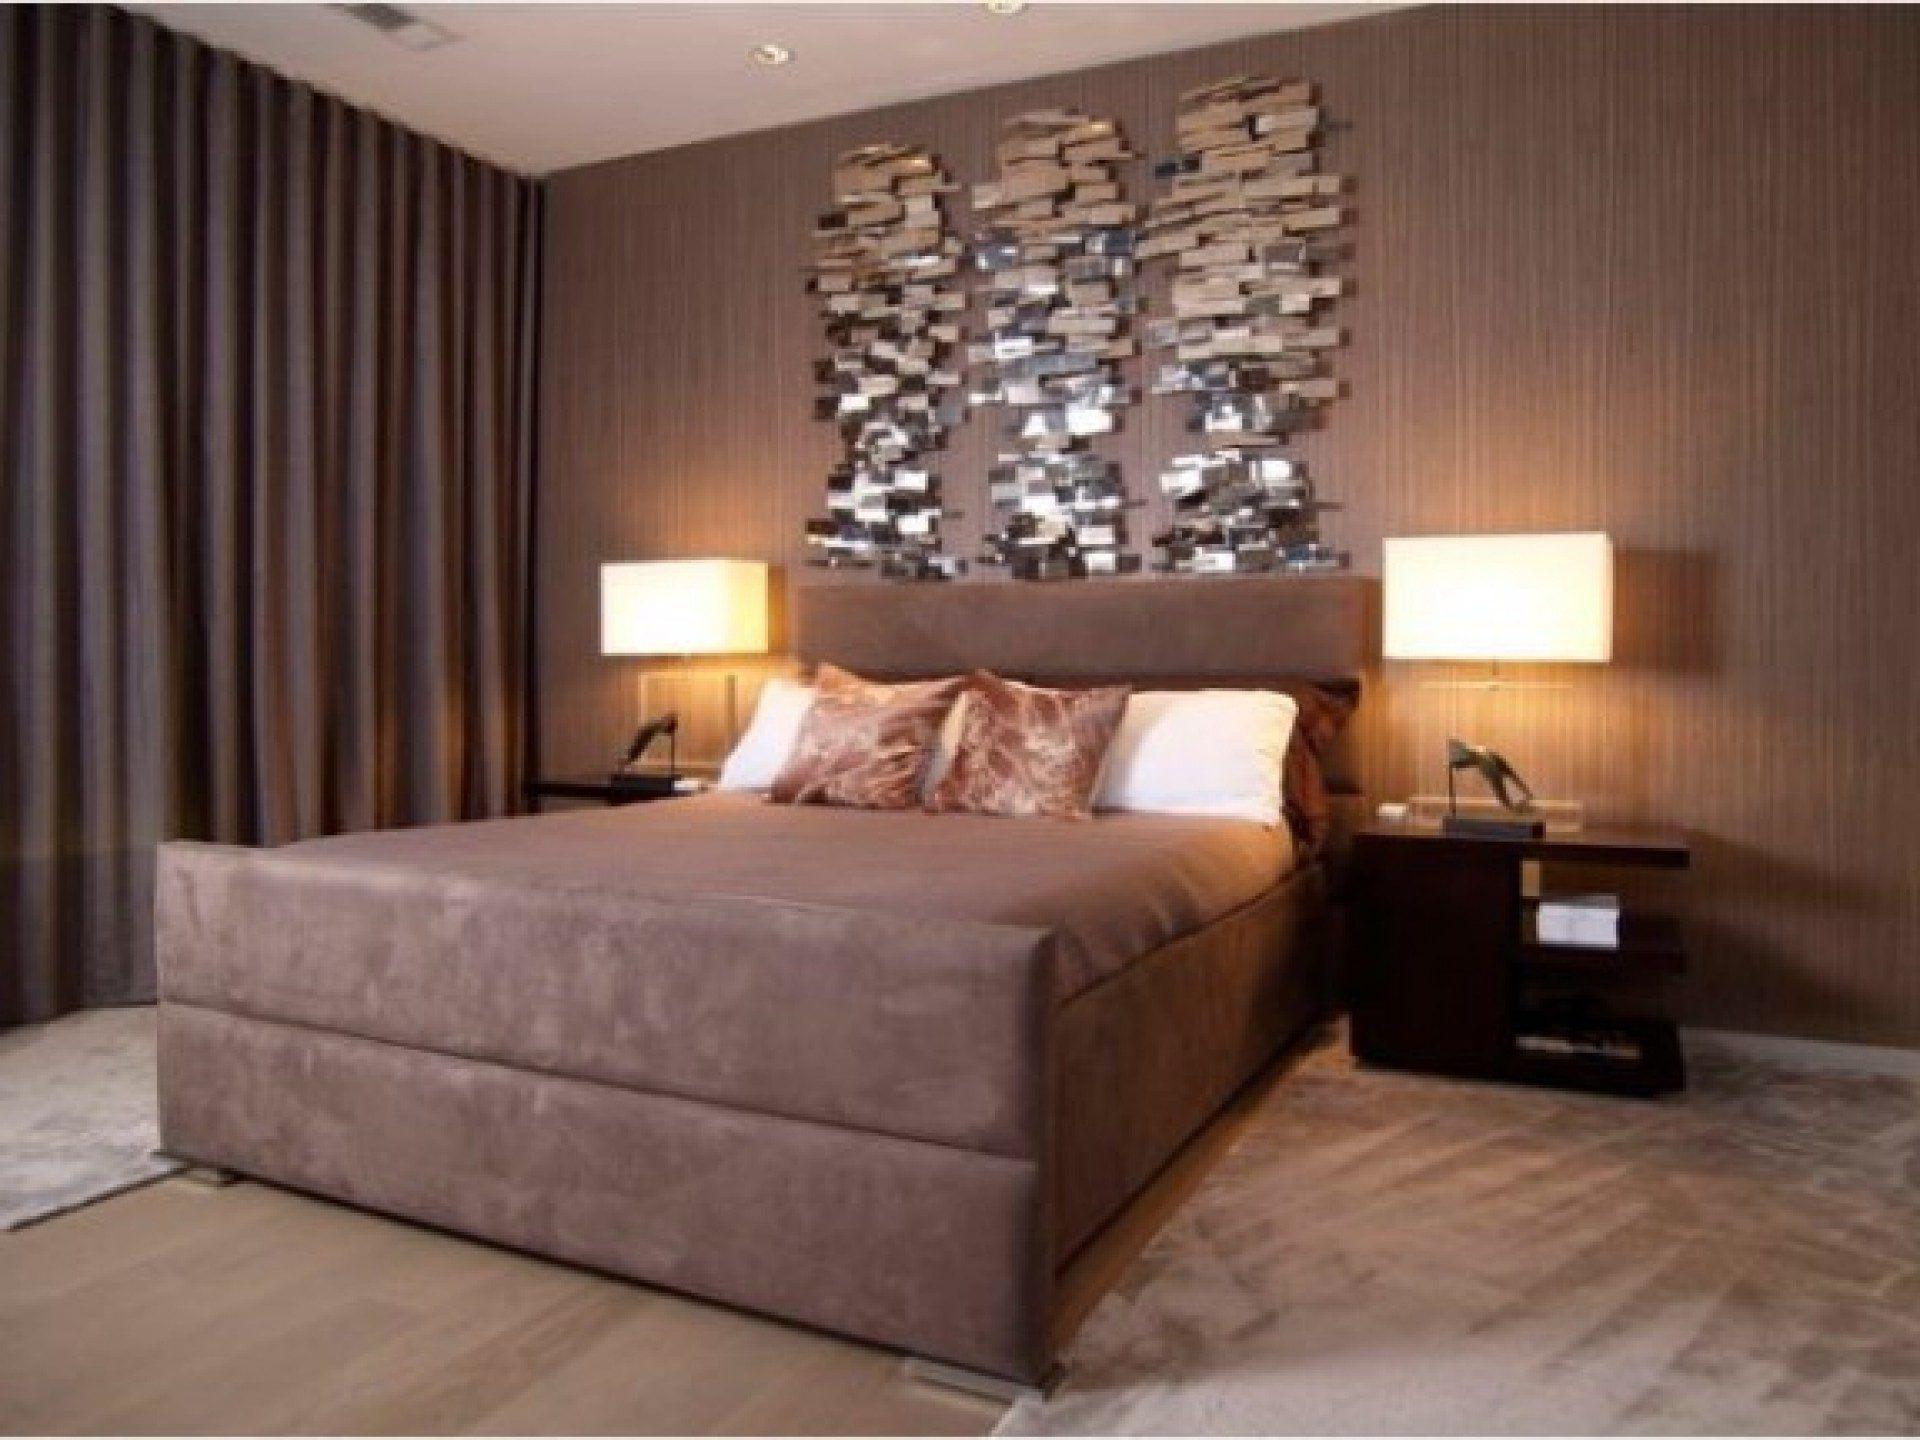 Schlafzimmer Wandlampe ~ Die besten wandlampe schlafzimmer ideen auf bilder